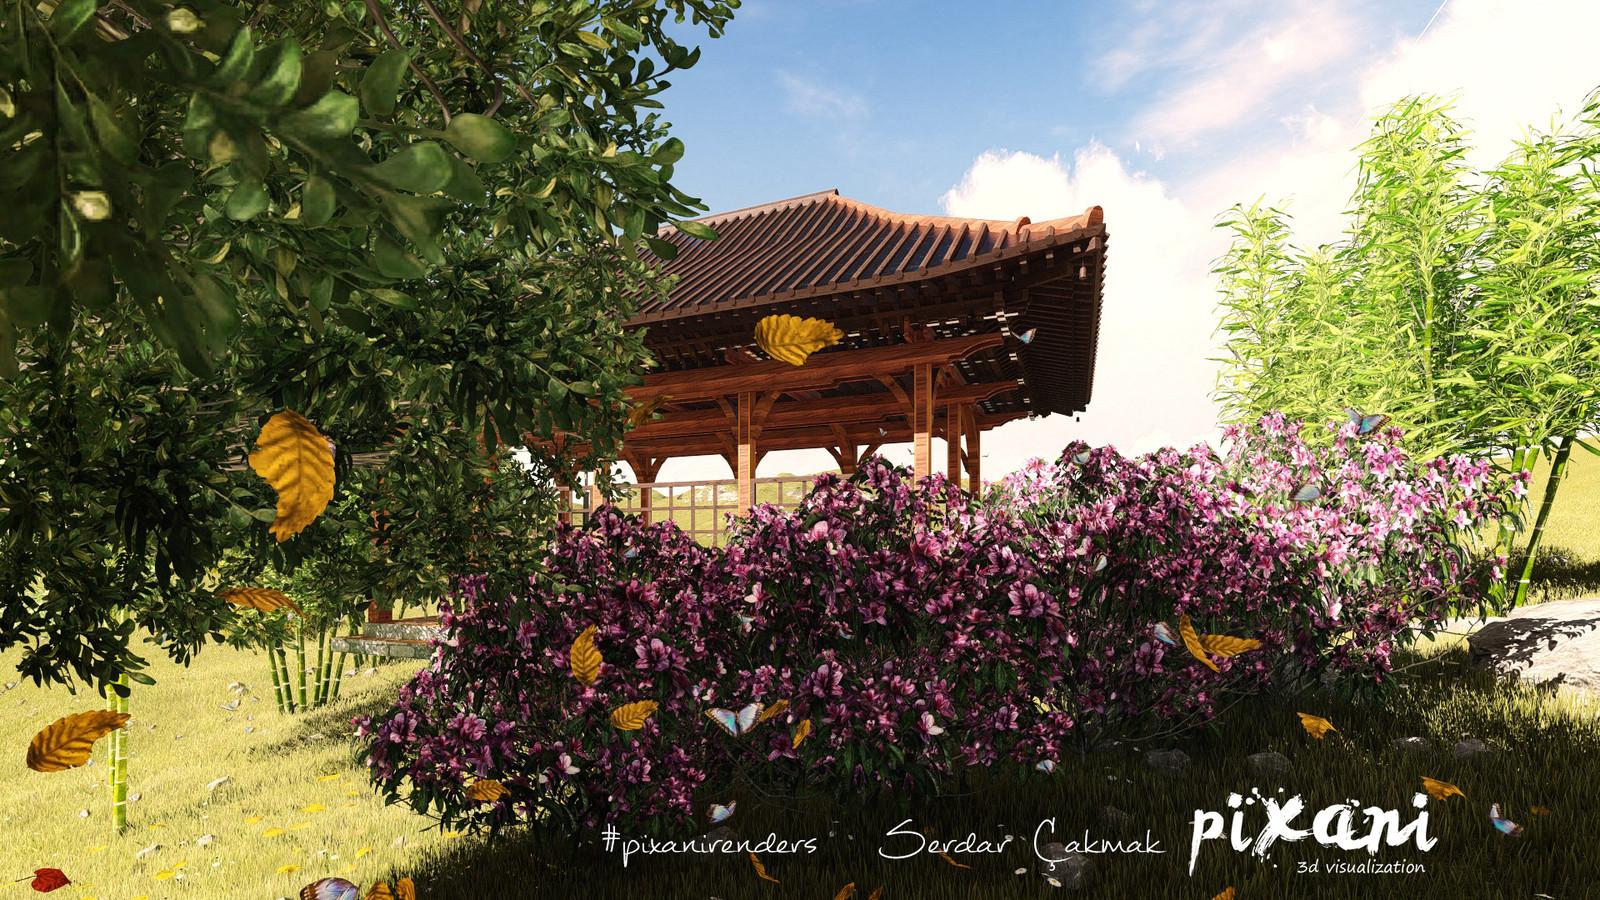 Chinese Pergola designed by Pixani